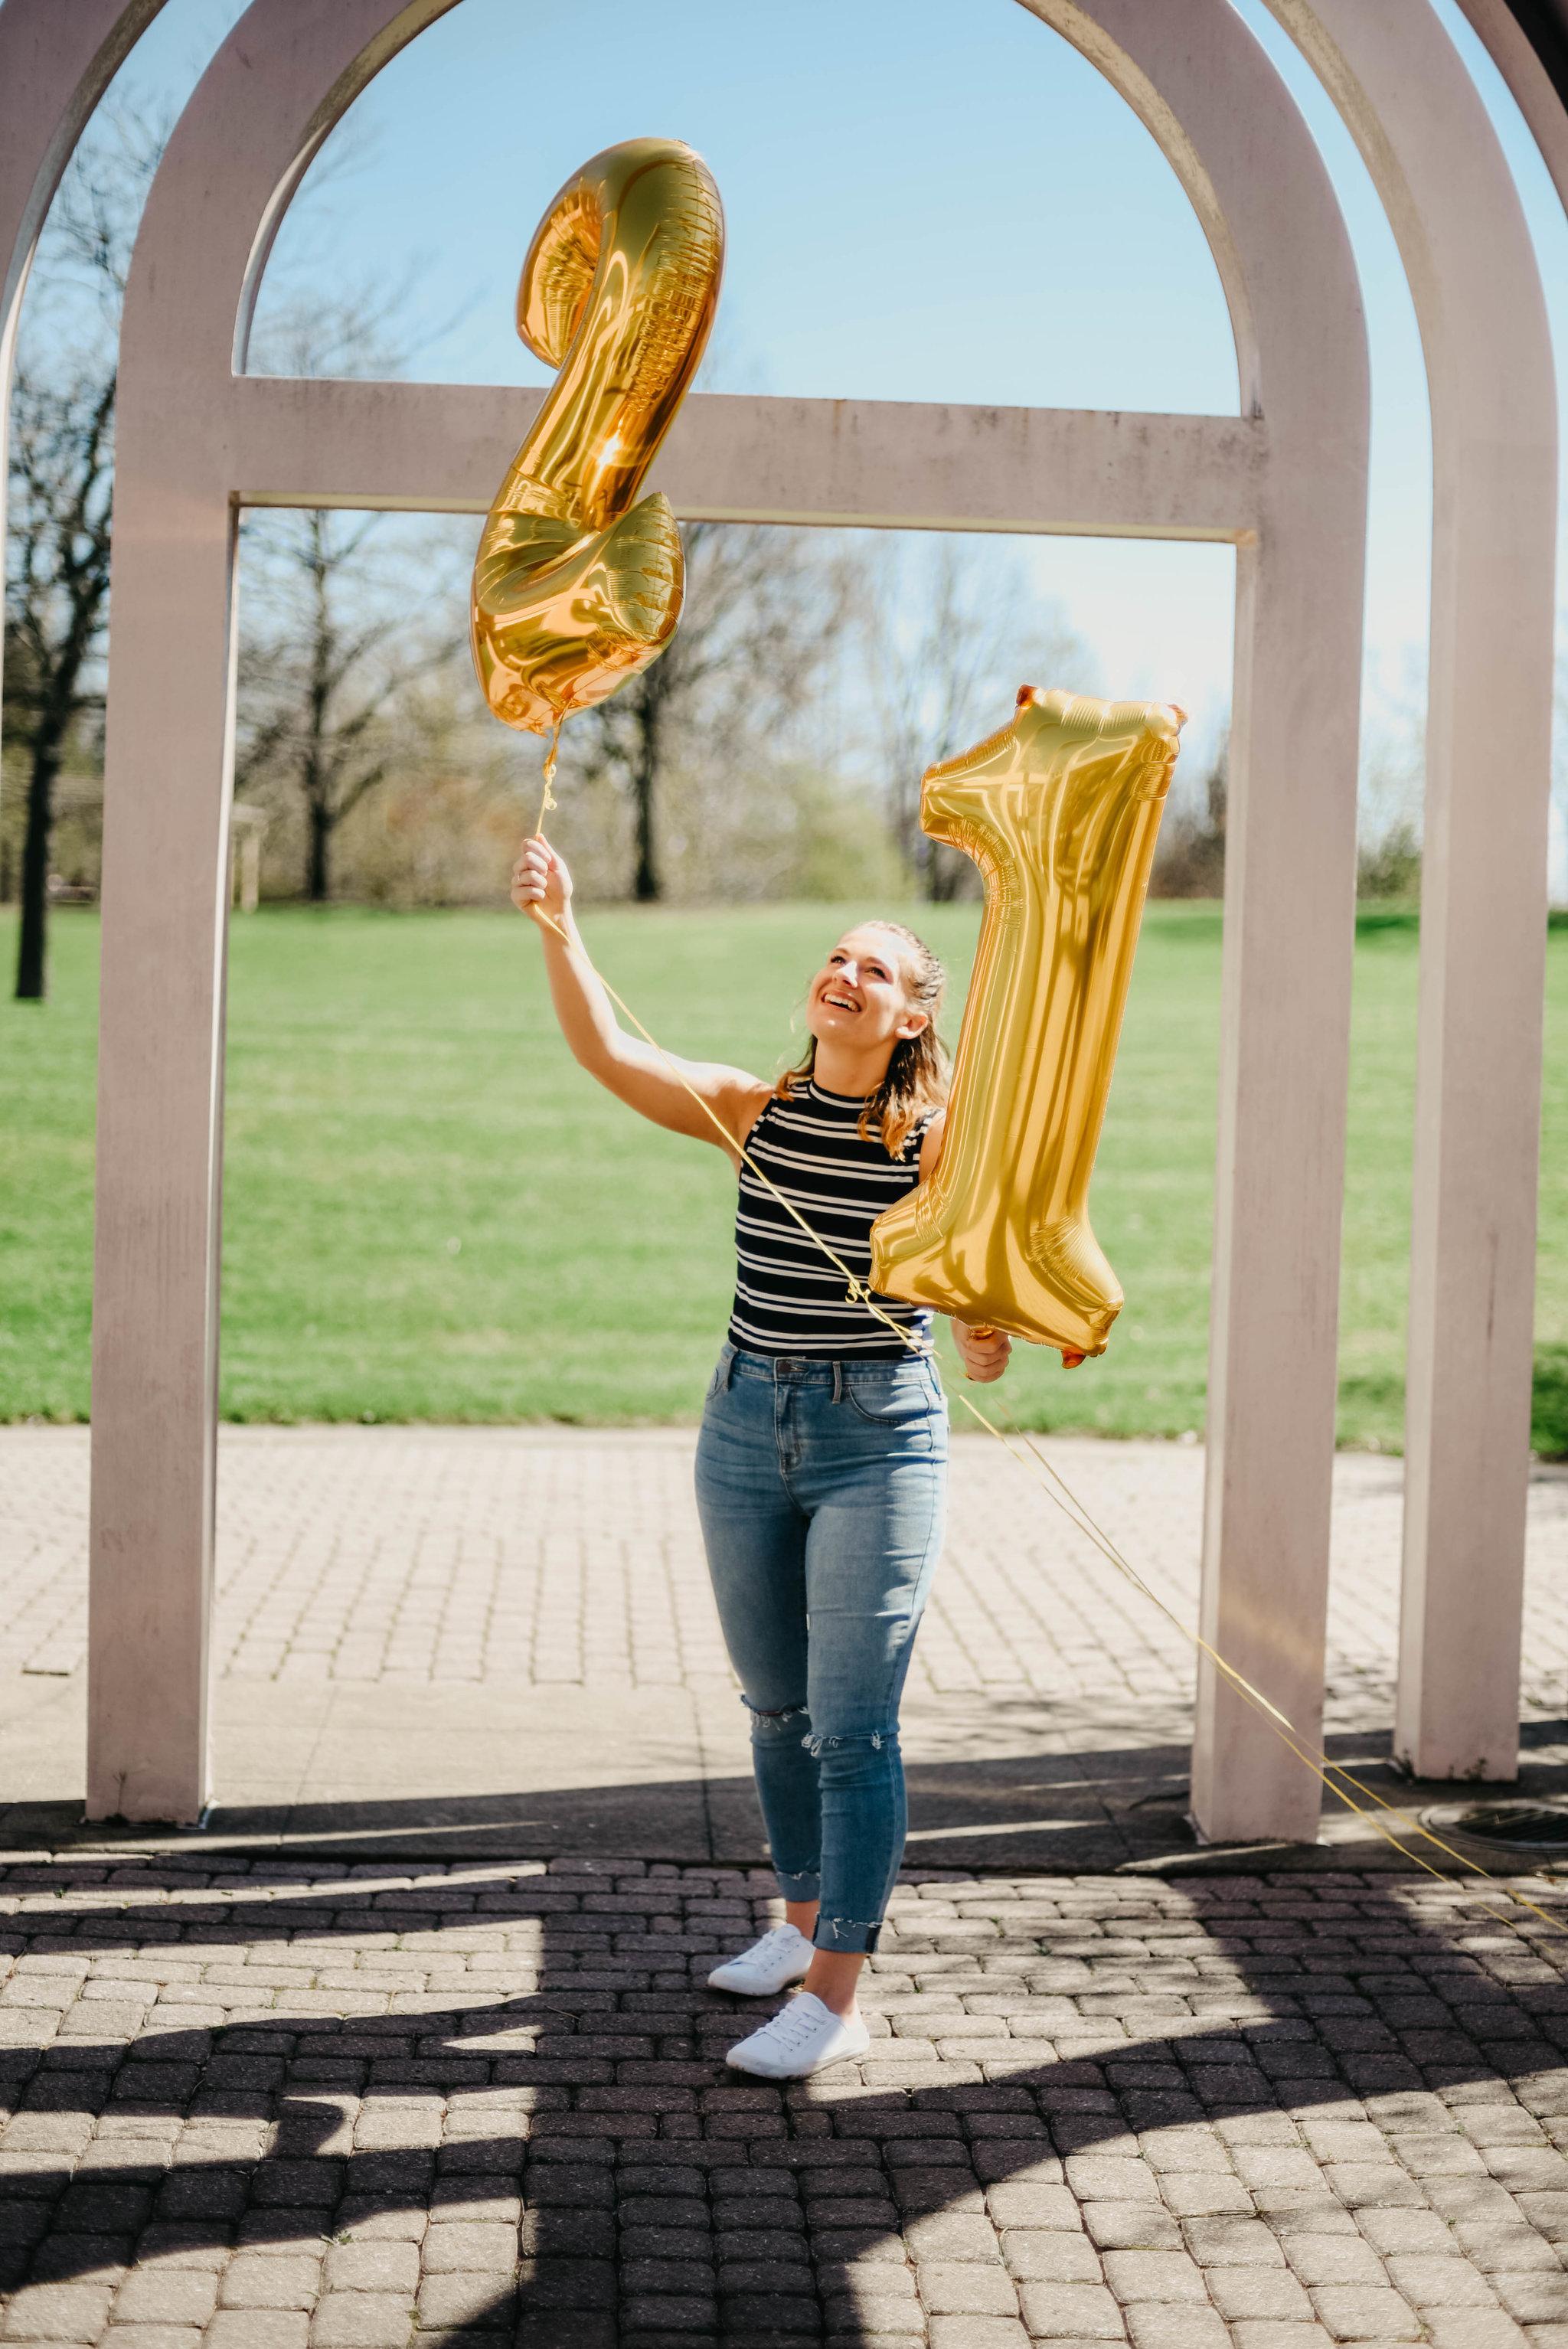 21st birthday portrait photography photoshoot // Rochester New York